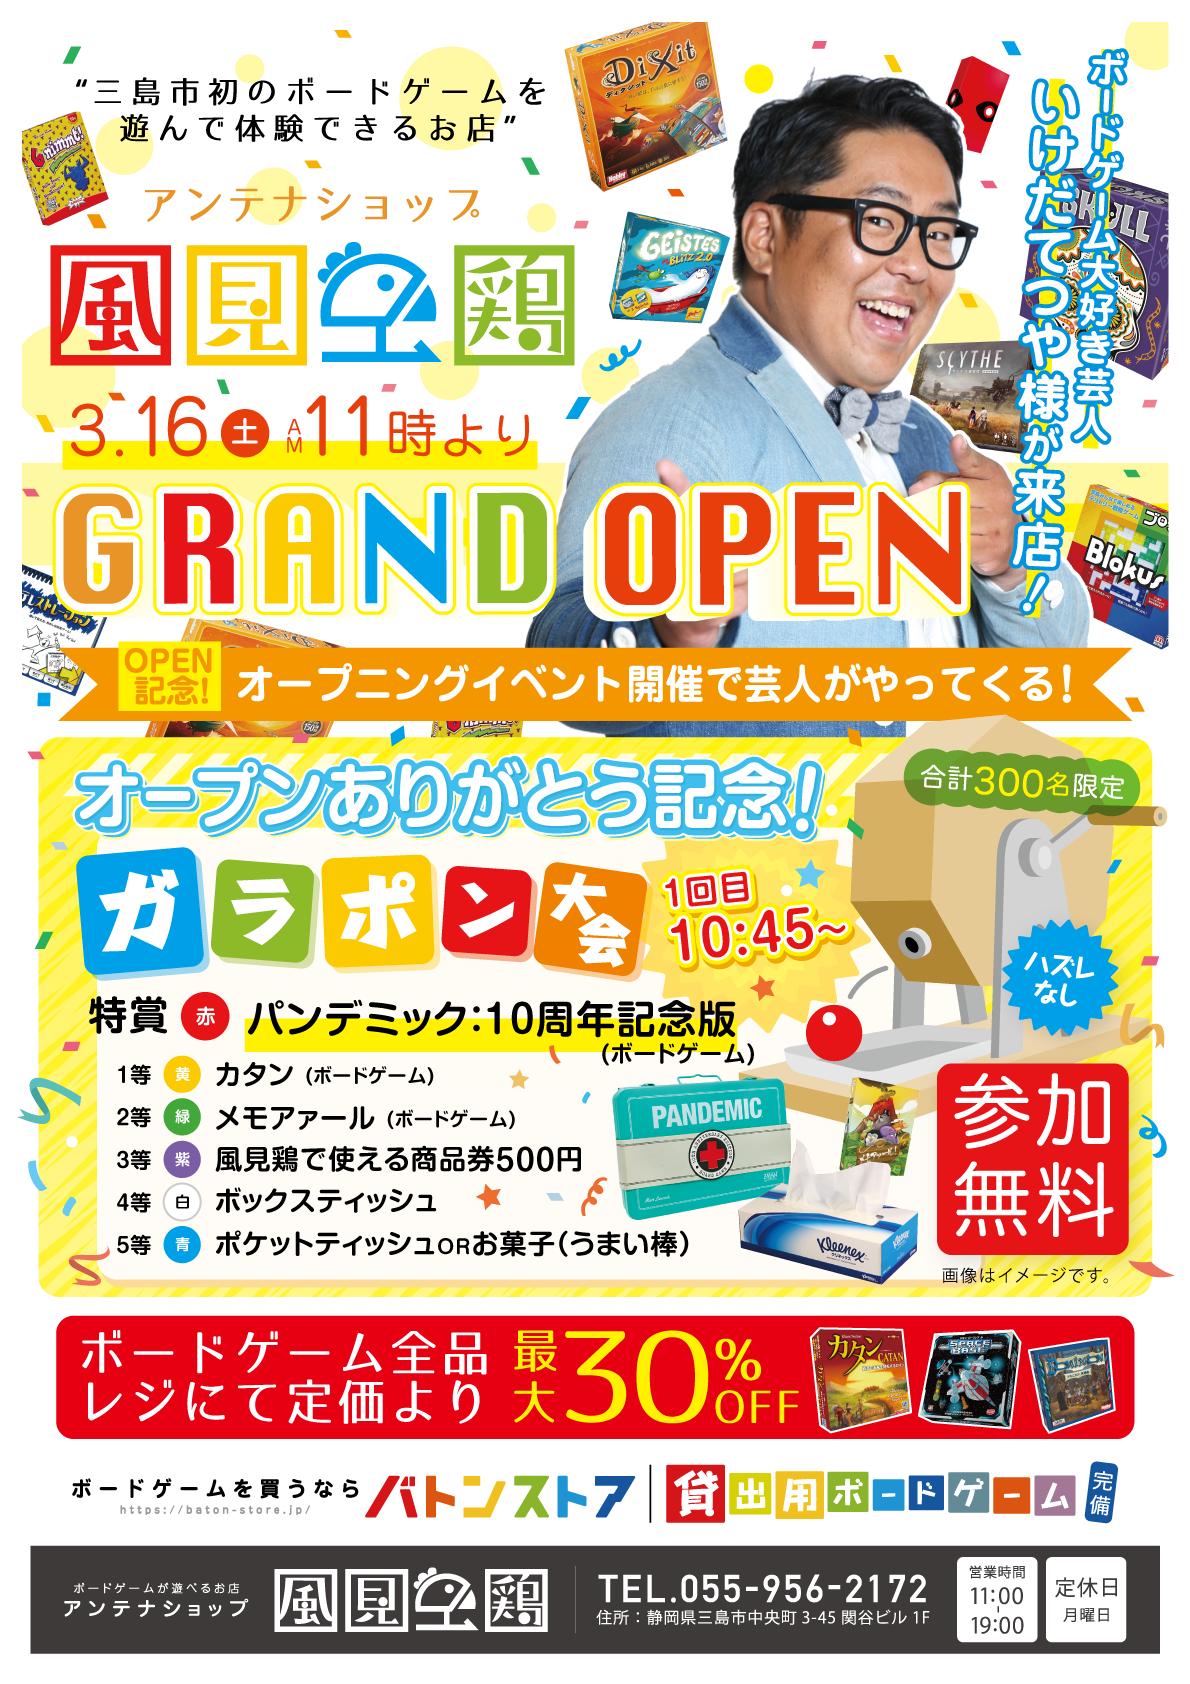 3月16日(土)風見鶏オープン&イベント開催!